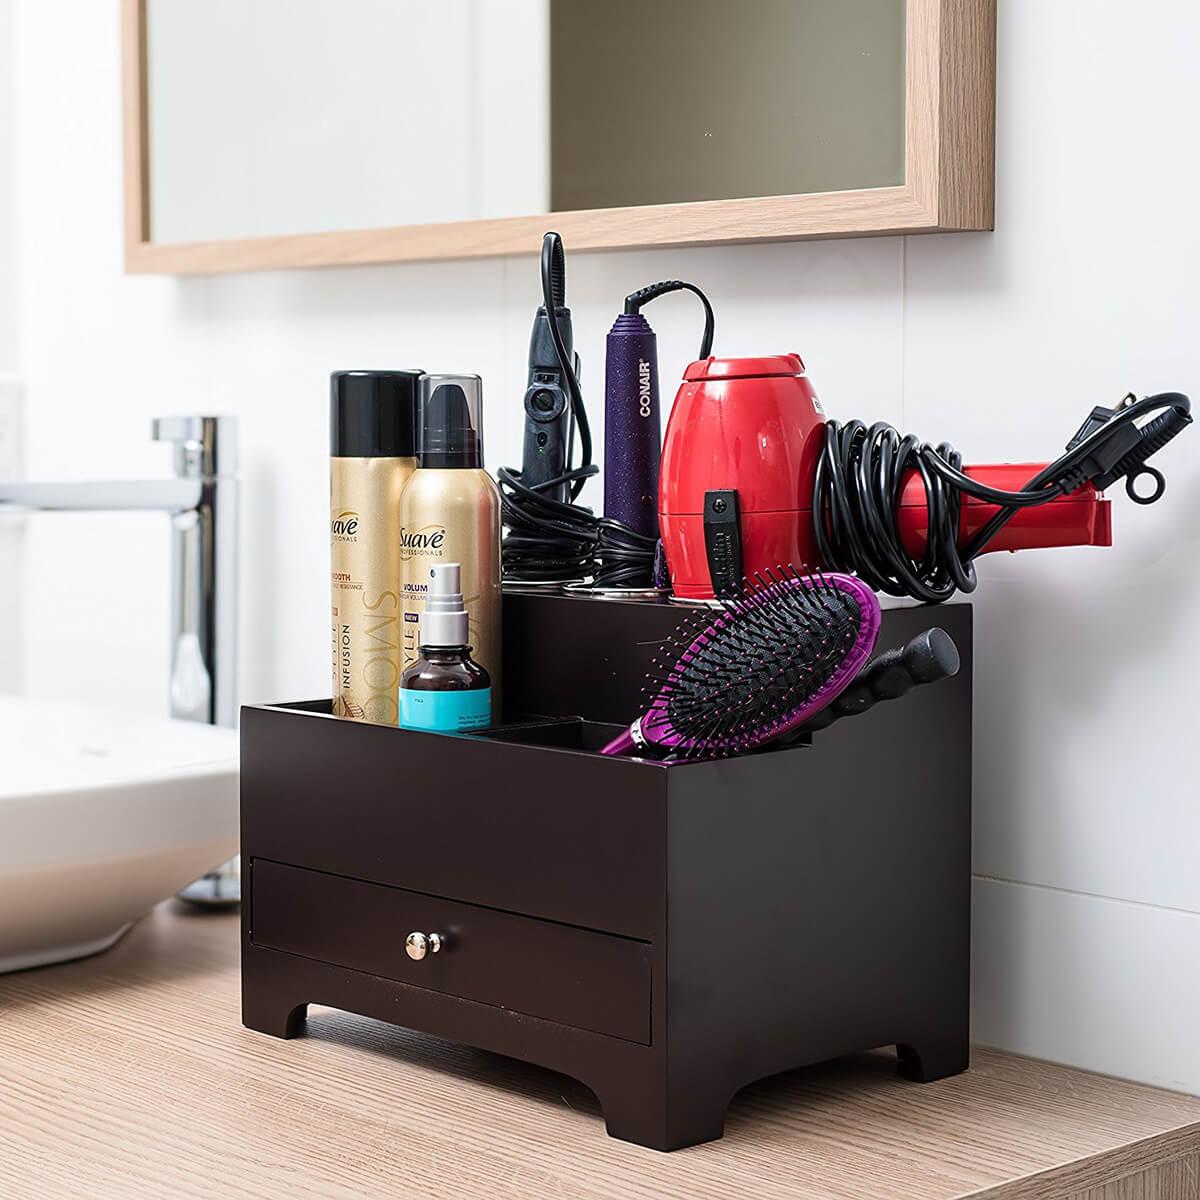 Предметы декора для функциональной организации ванной комнаты фото 6